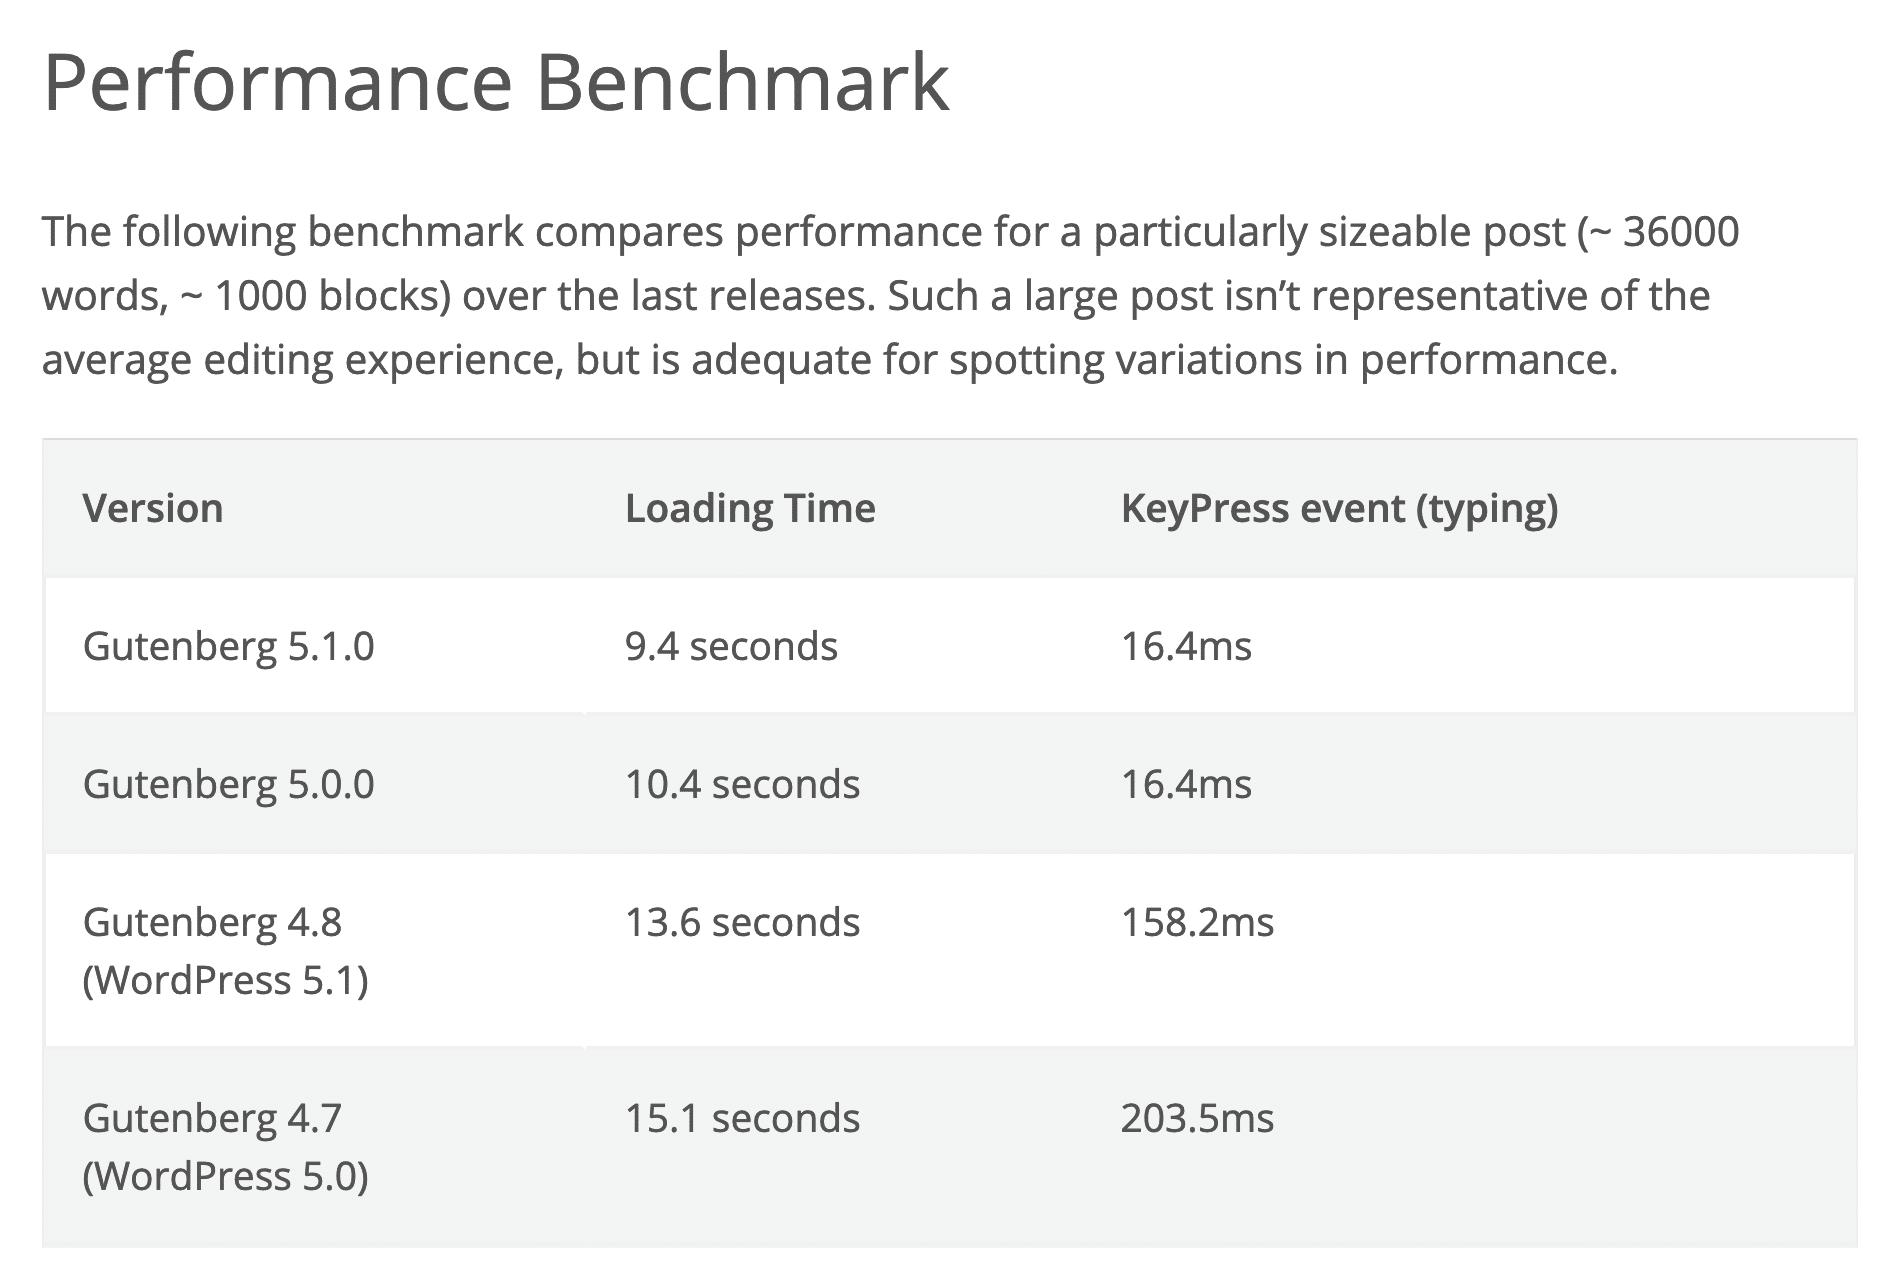 Benchmark delle performance di diverse versioni di Gutenberg